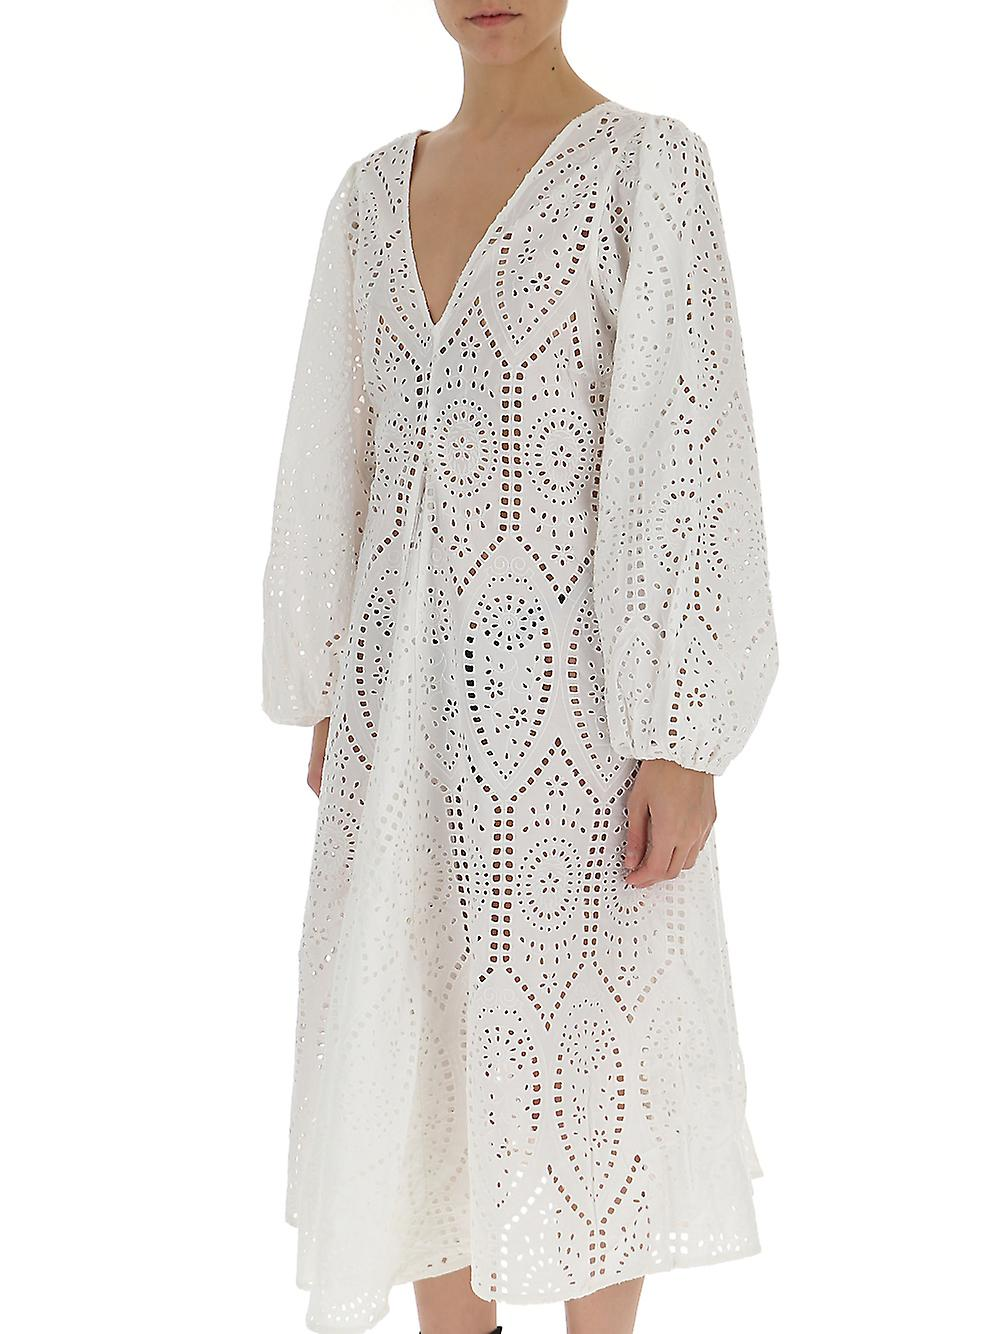 Ganni F3057151 Robe en coton blanc pour femmes et femmes;s 36qN7m